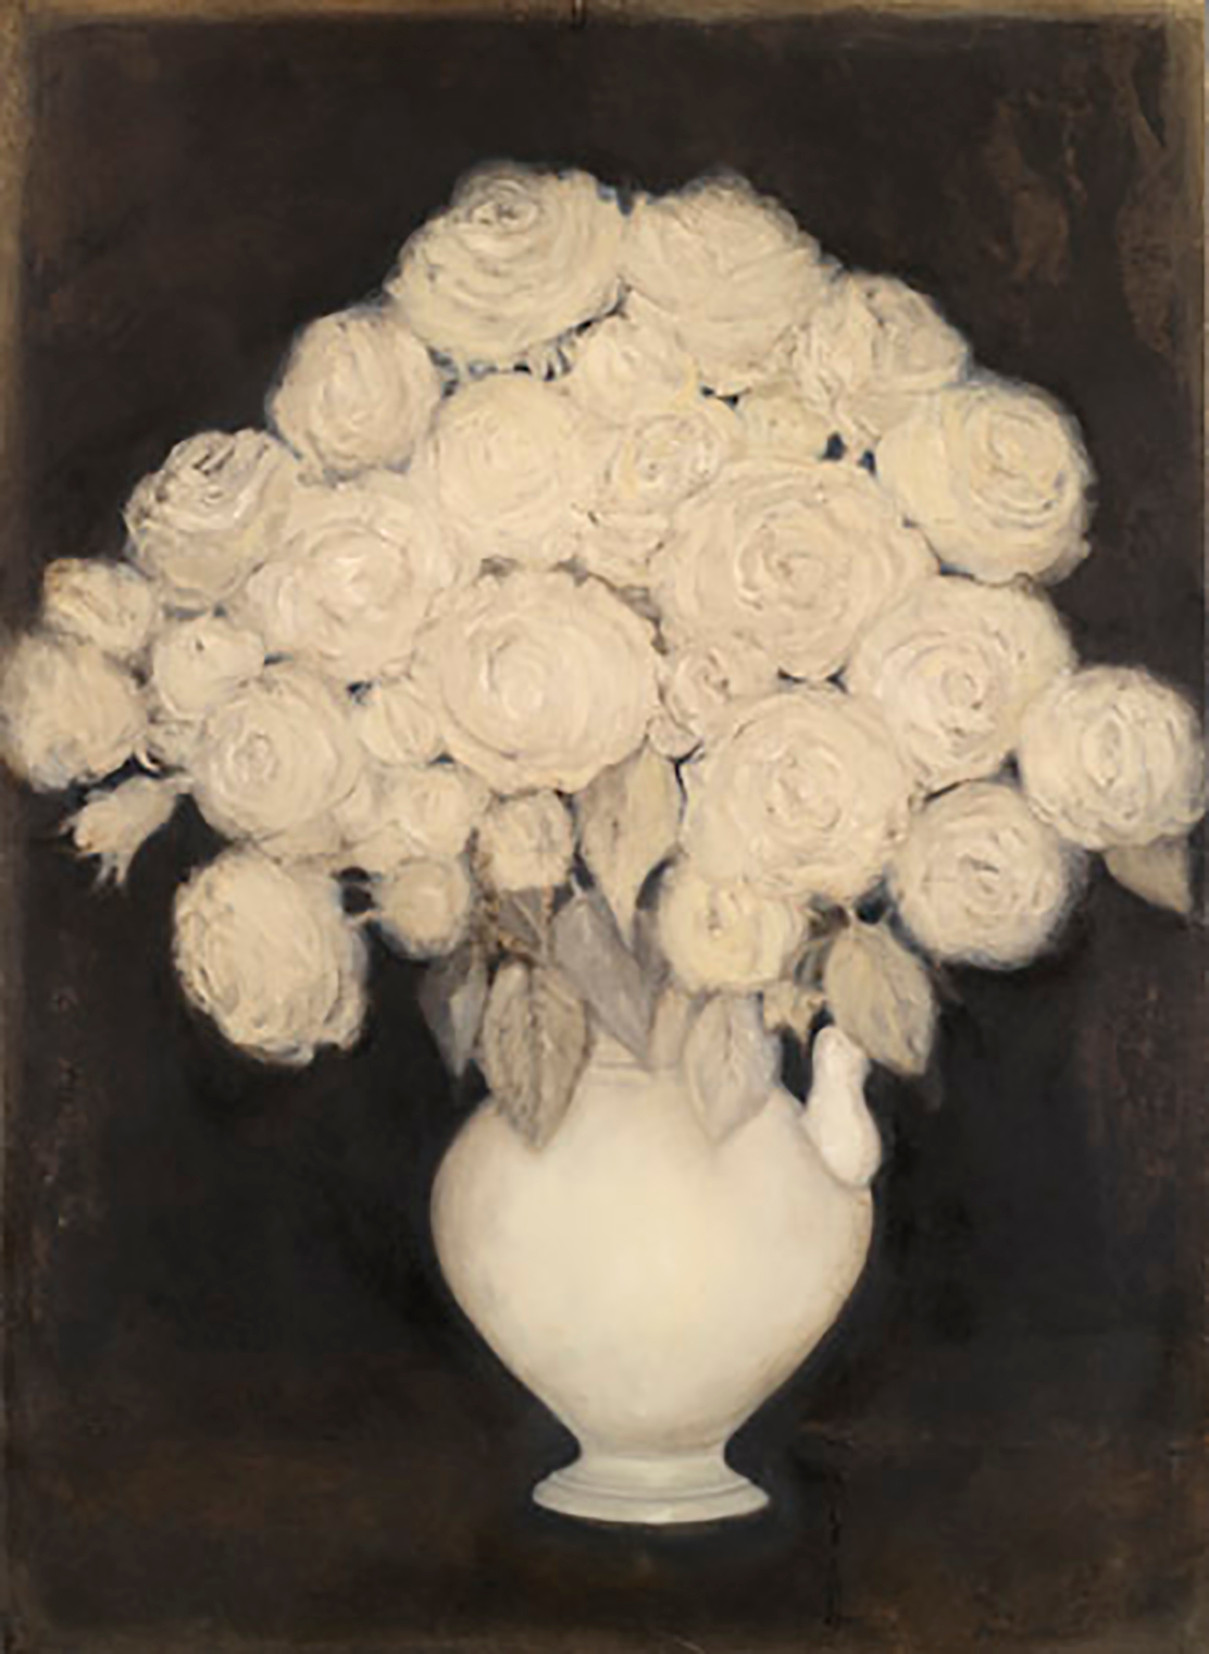 Senza titolo, 2007, olio su carta su tela, cm 140 x 100